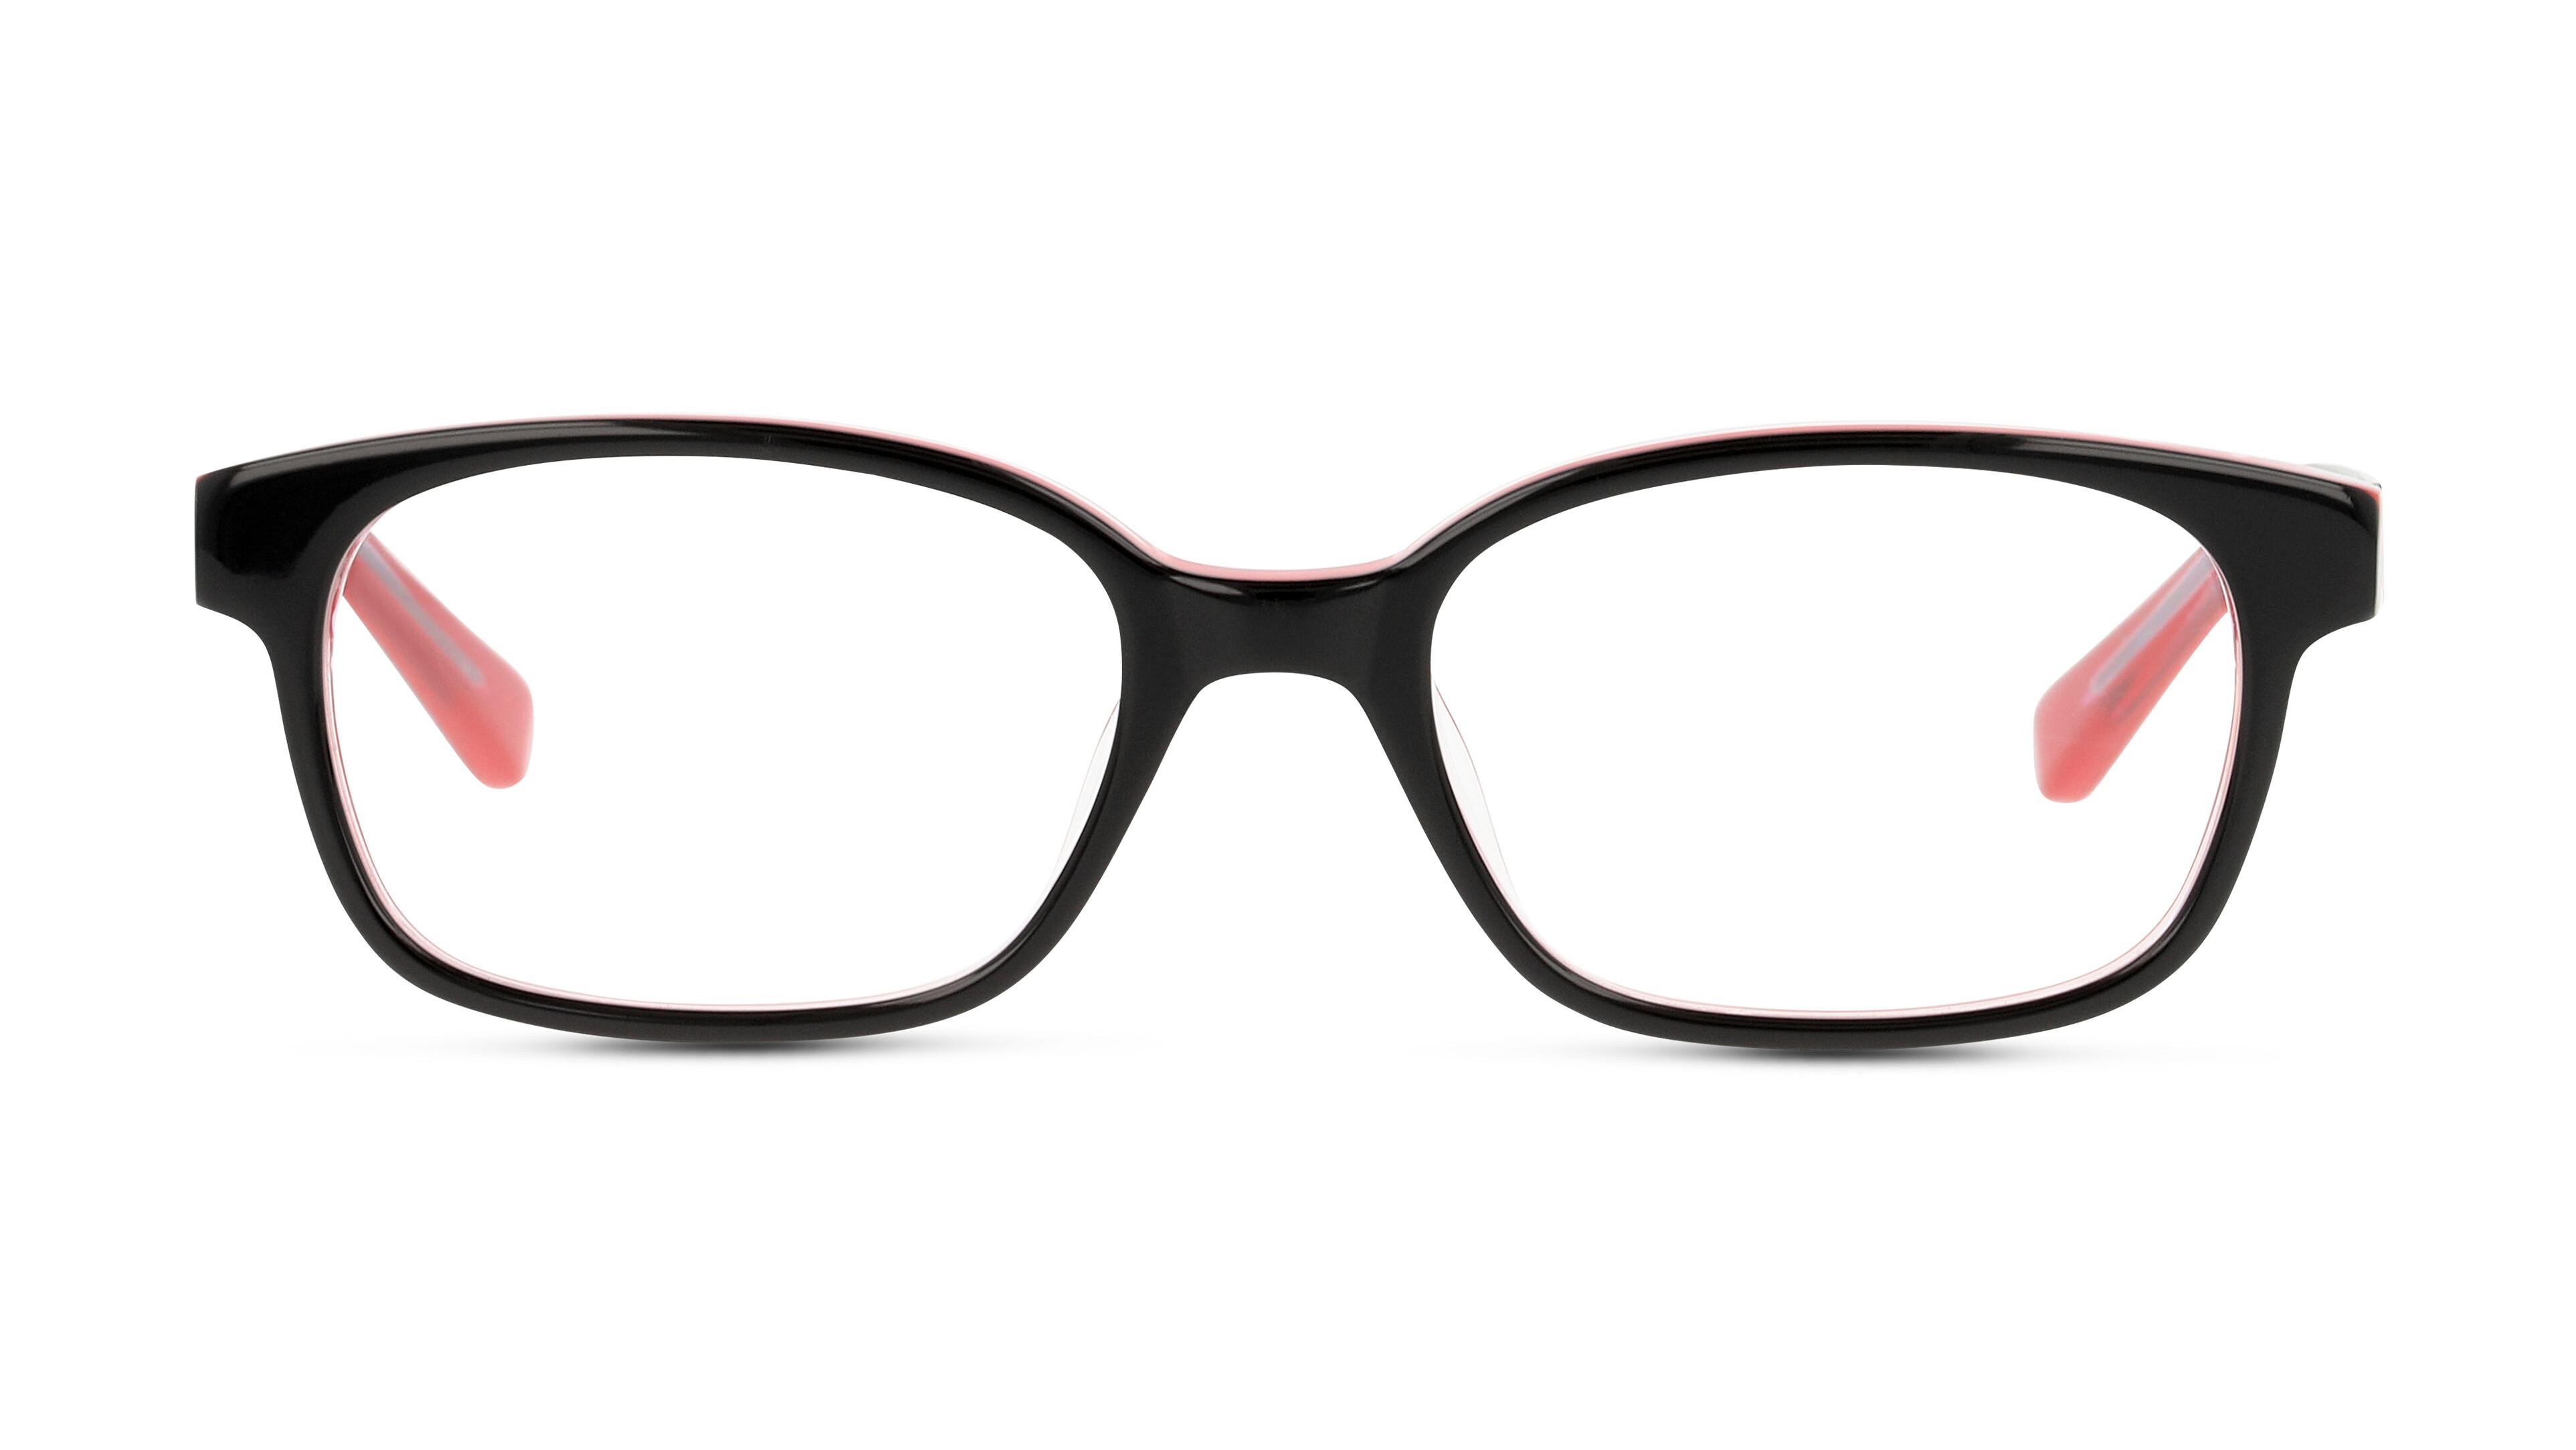 8719154763335-front-brillenfassung-unofficial-unok5014-black-other